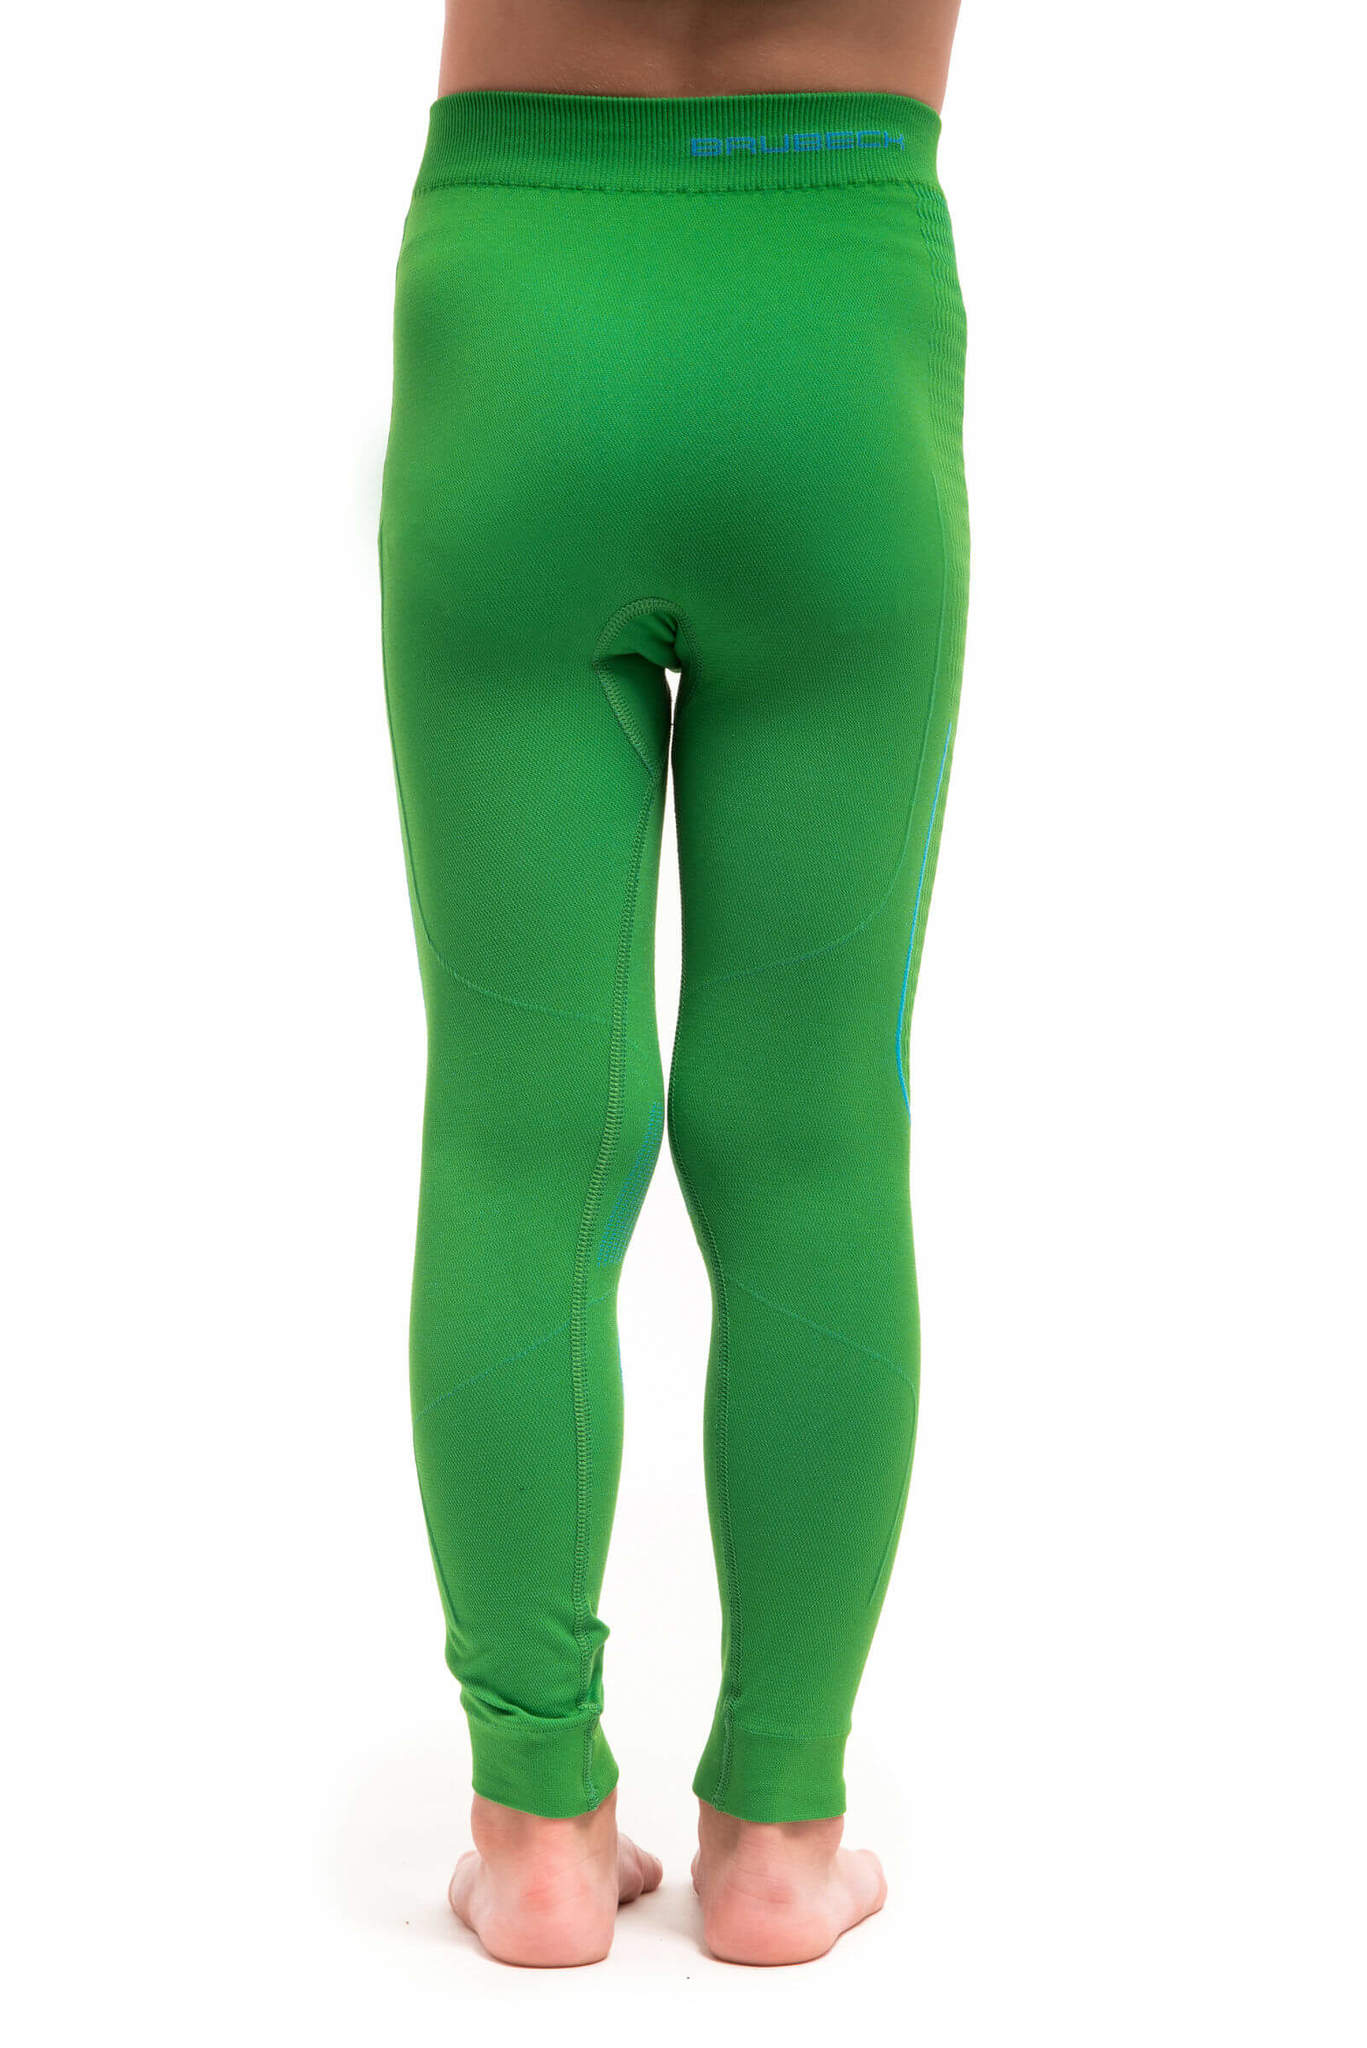 Brubeck Thermo детские термокальсоны зеленые - 2